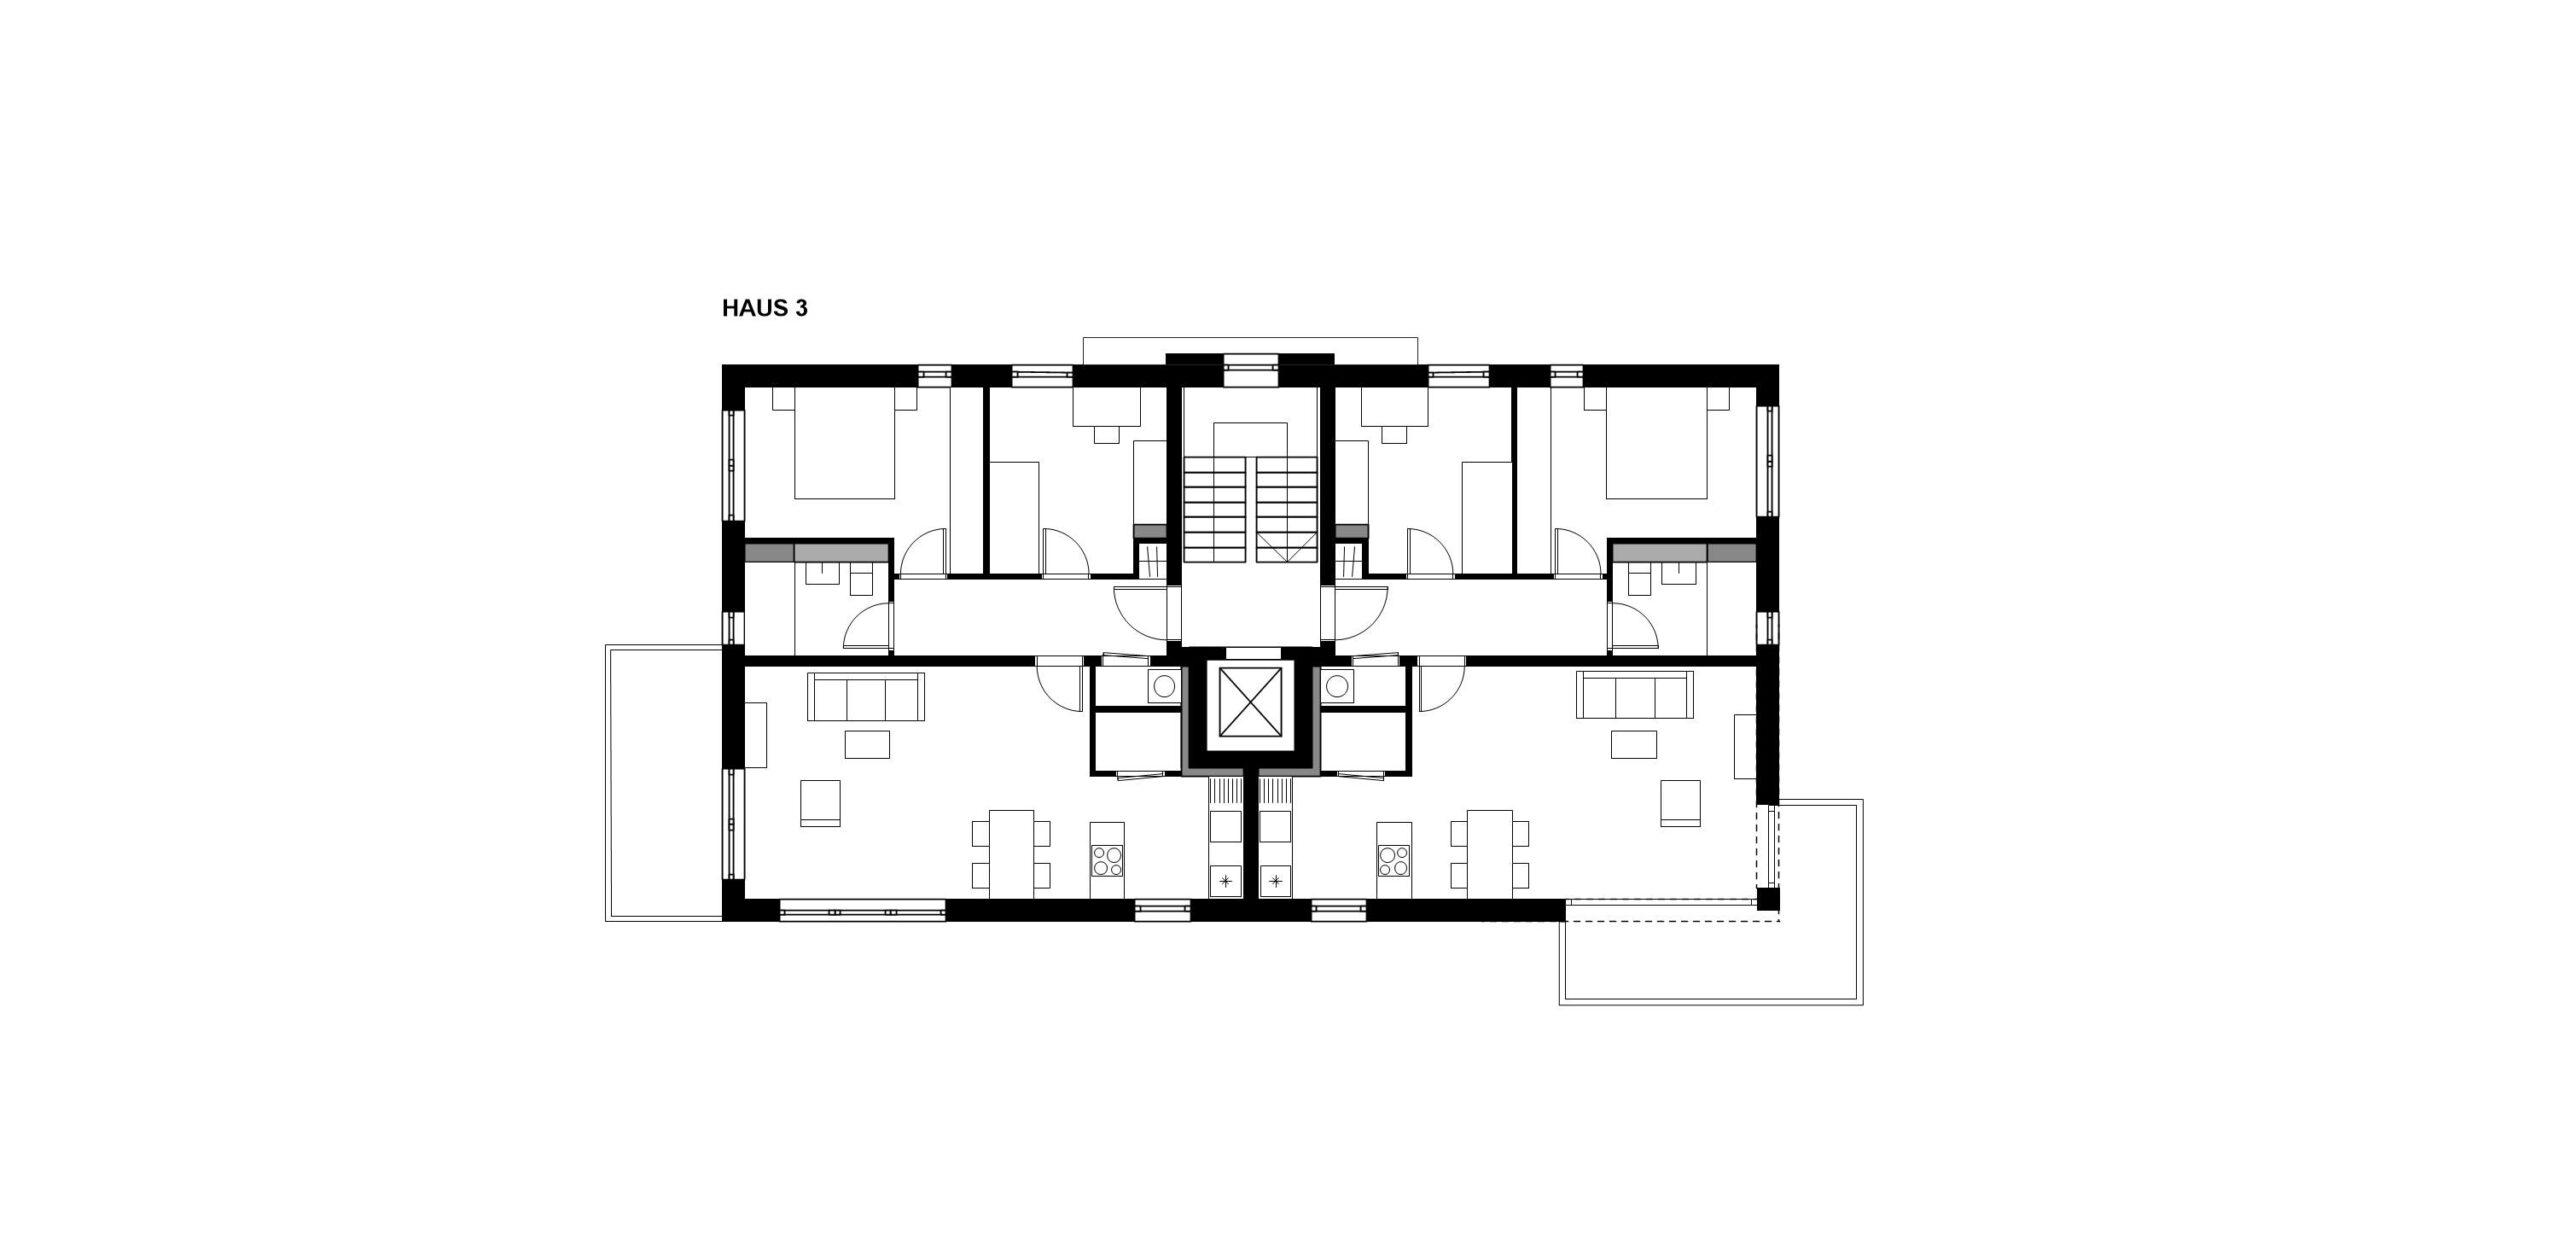 Grundriss Regelgeschoss Haus 3 359 Projekt Gabelsberger Straße Offenbach FFM-ARCHITEKTEN